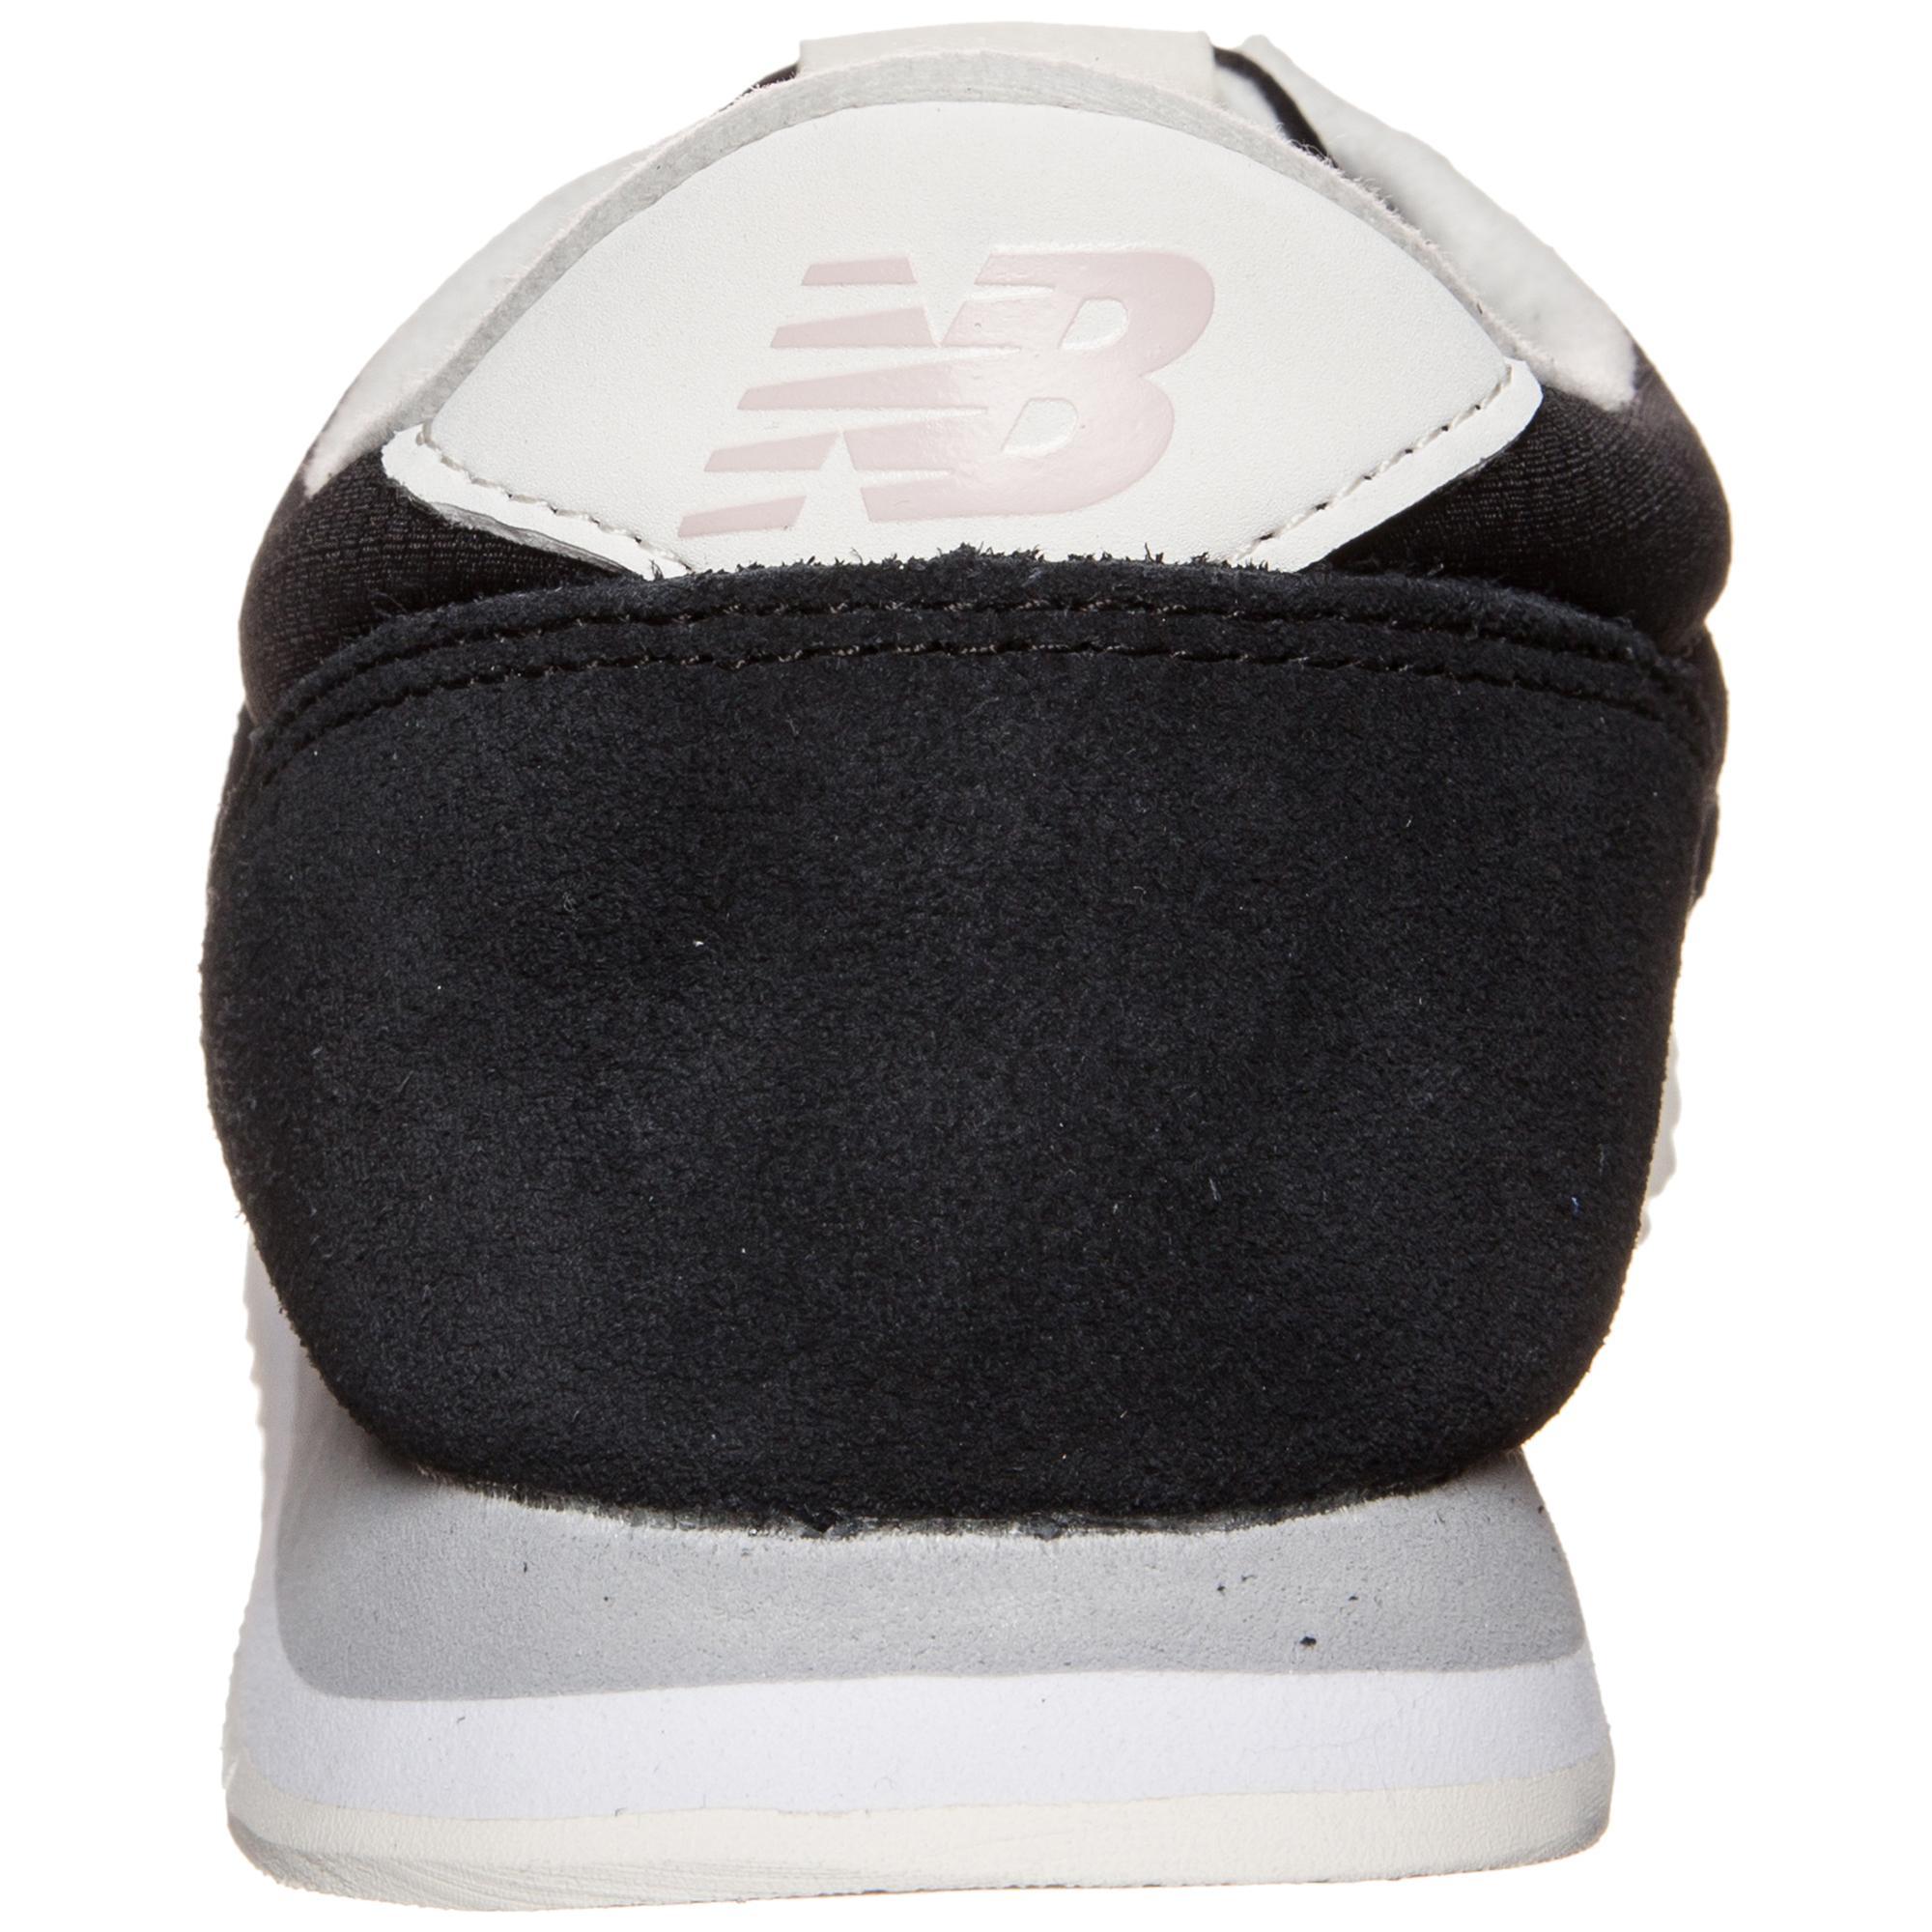 NEW BALANCE WL420-MBC-B Turnschuhe Damen schwarz im im im Online Shop von SportScheck kaufen Gute Qualität beliebte Schuhe 664ea1